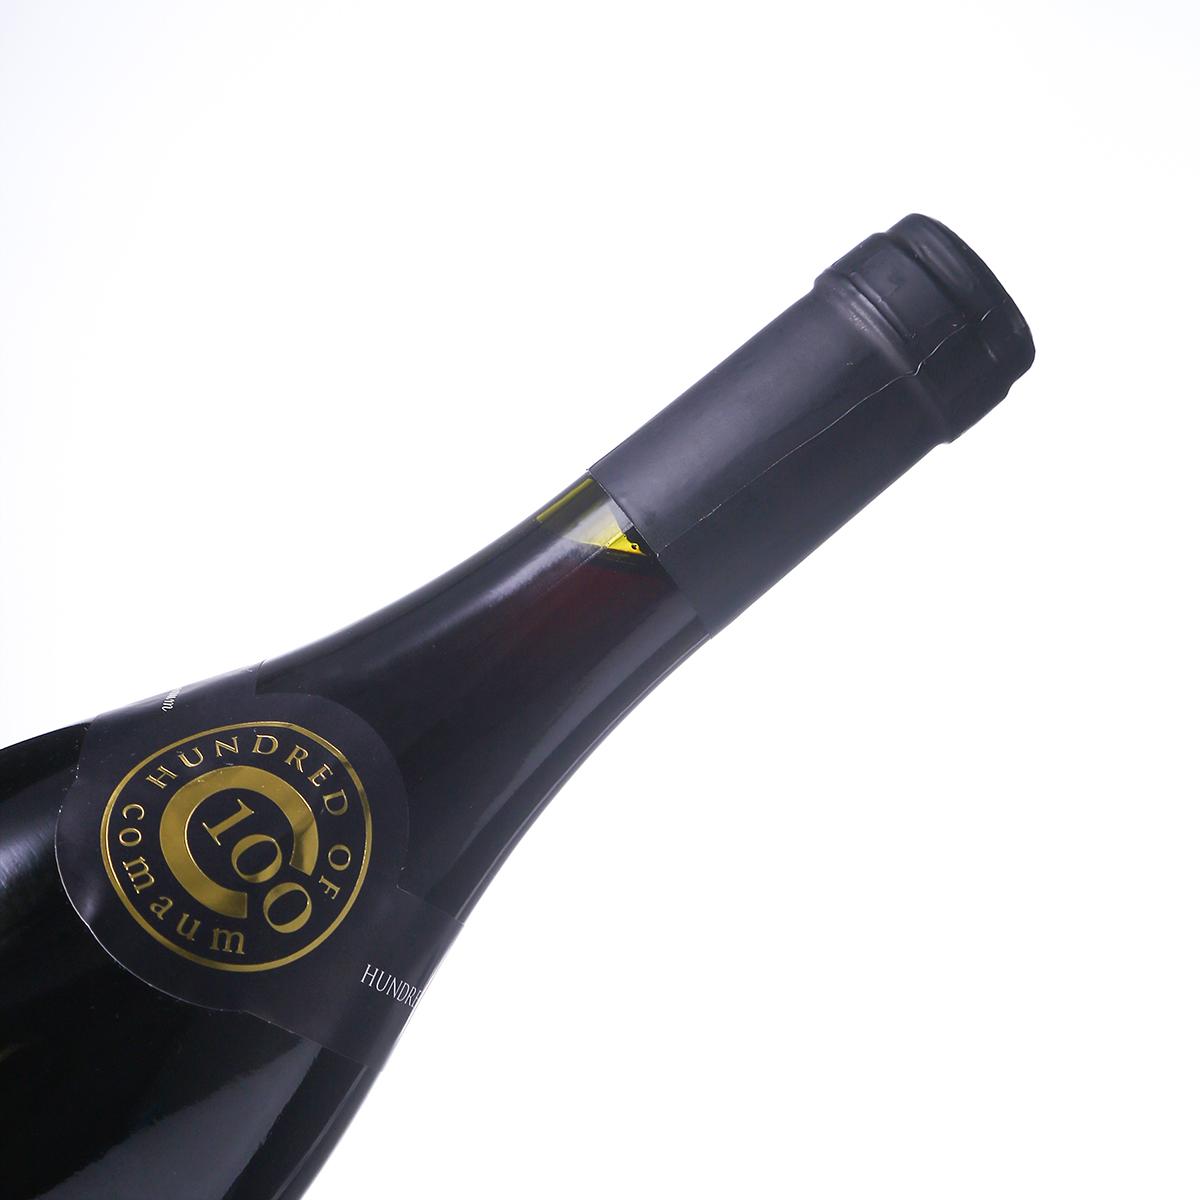 澳大利亚维多利亚古口一百号酒庄丛林系列西拉干红葡萄酒